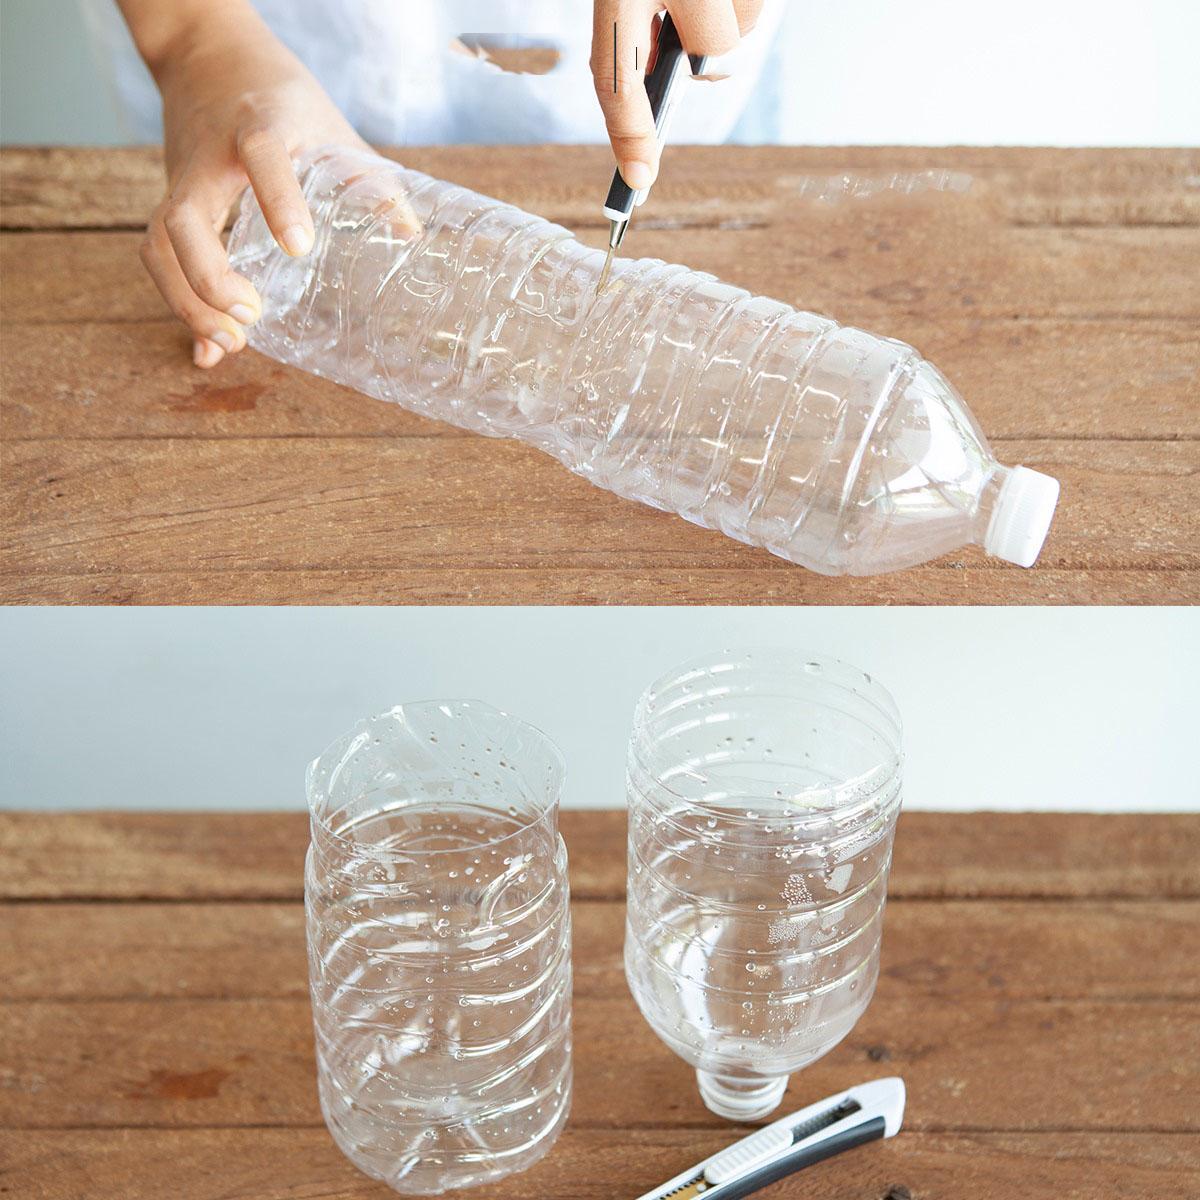 Cắt rau bỏ trong chai nhựa, cách làm đơn giản nhưng thu hoạch rau nhiều bất ngờ - Ảnh 3.